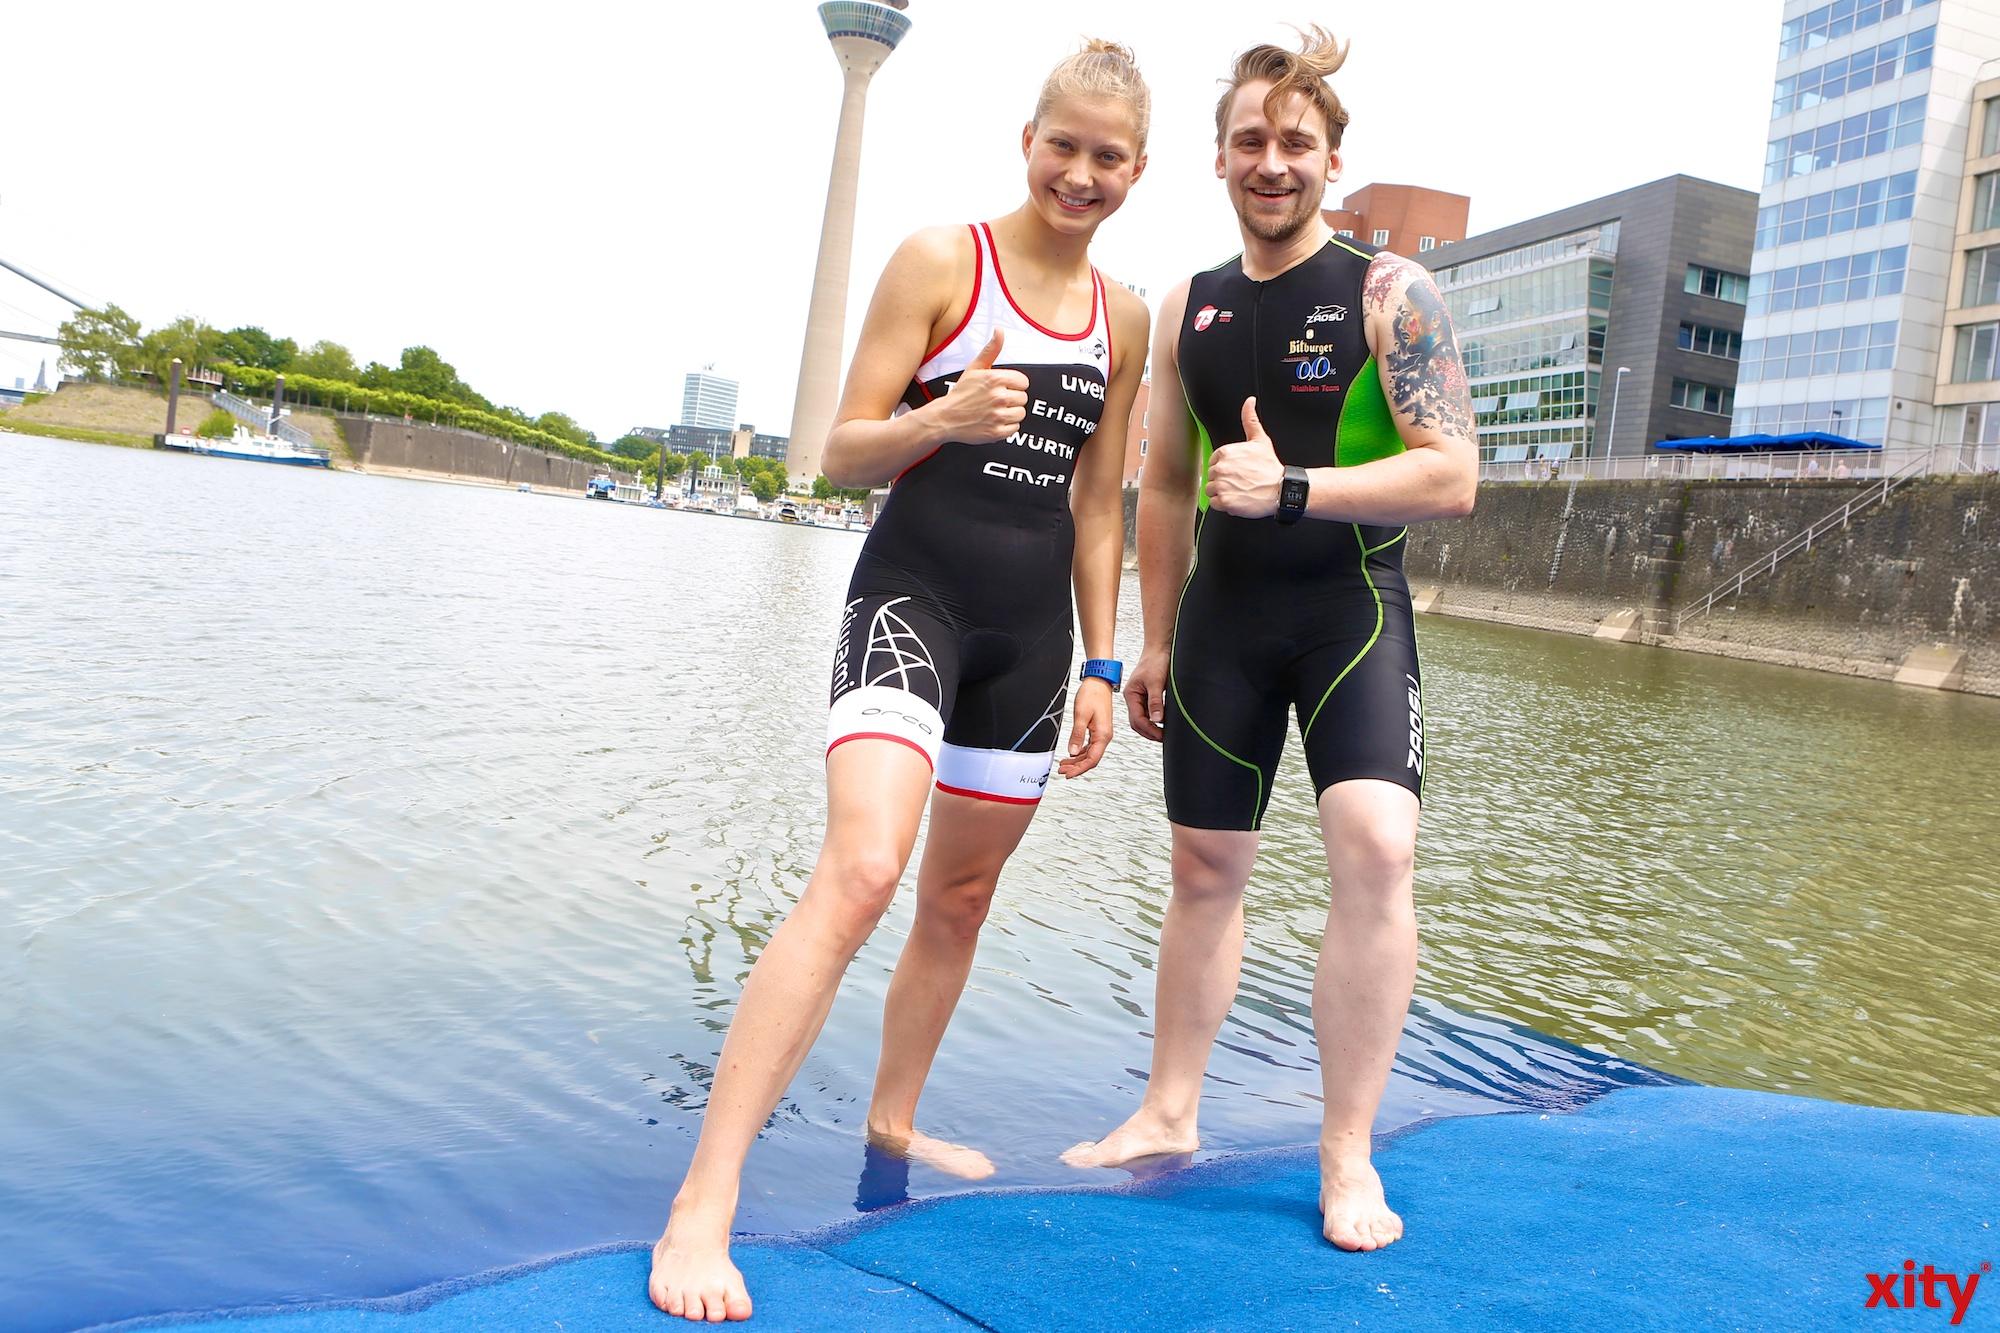 Sophia Saller (l.) und David Kittel freuen sich auf das Rennen  (Foto: xity)